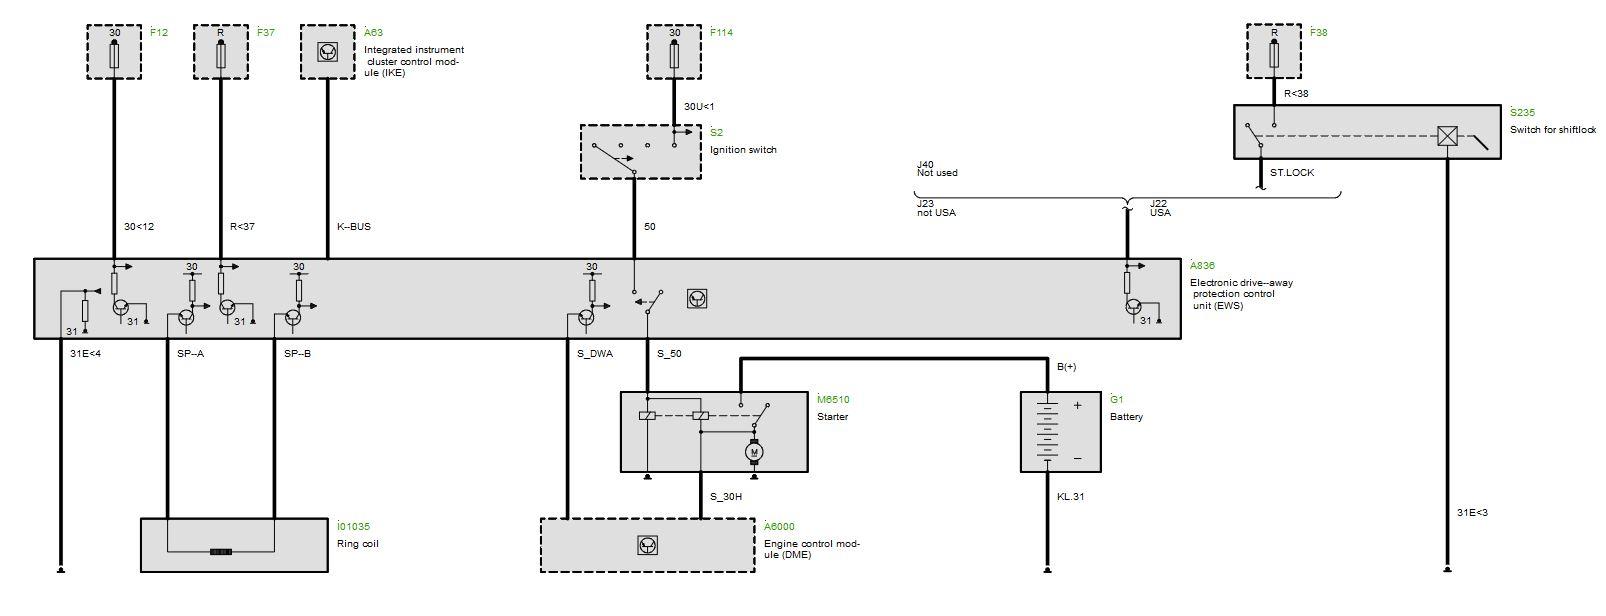 2001 530i intermittent start and P0014, P0015 codes